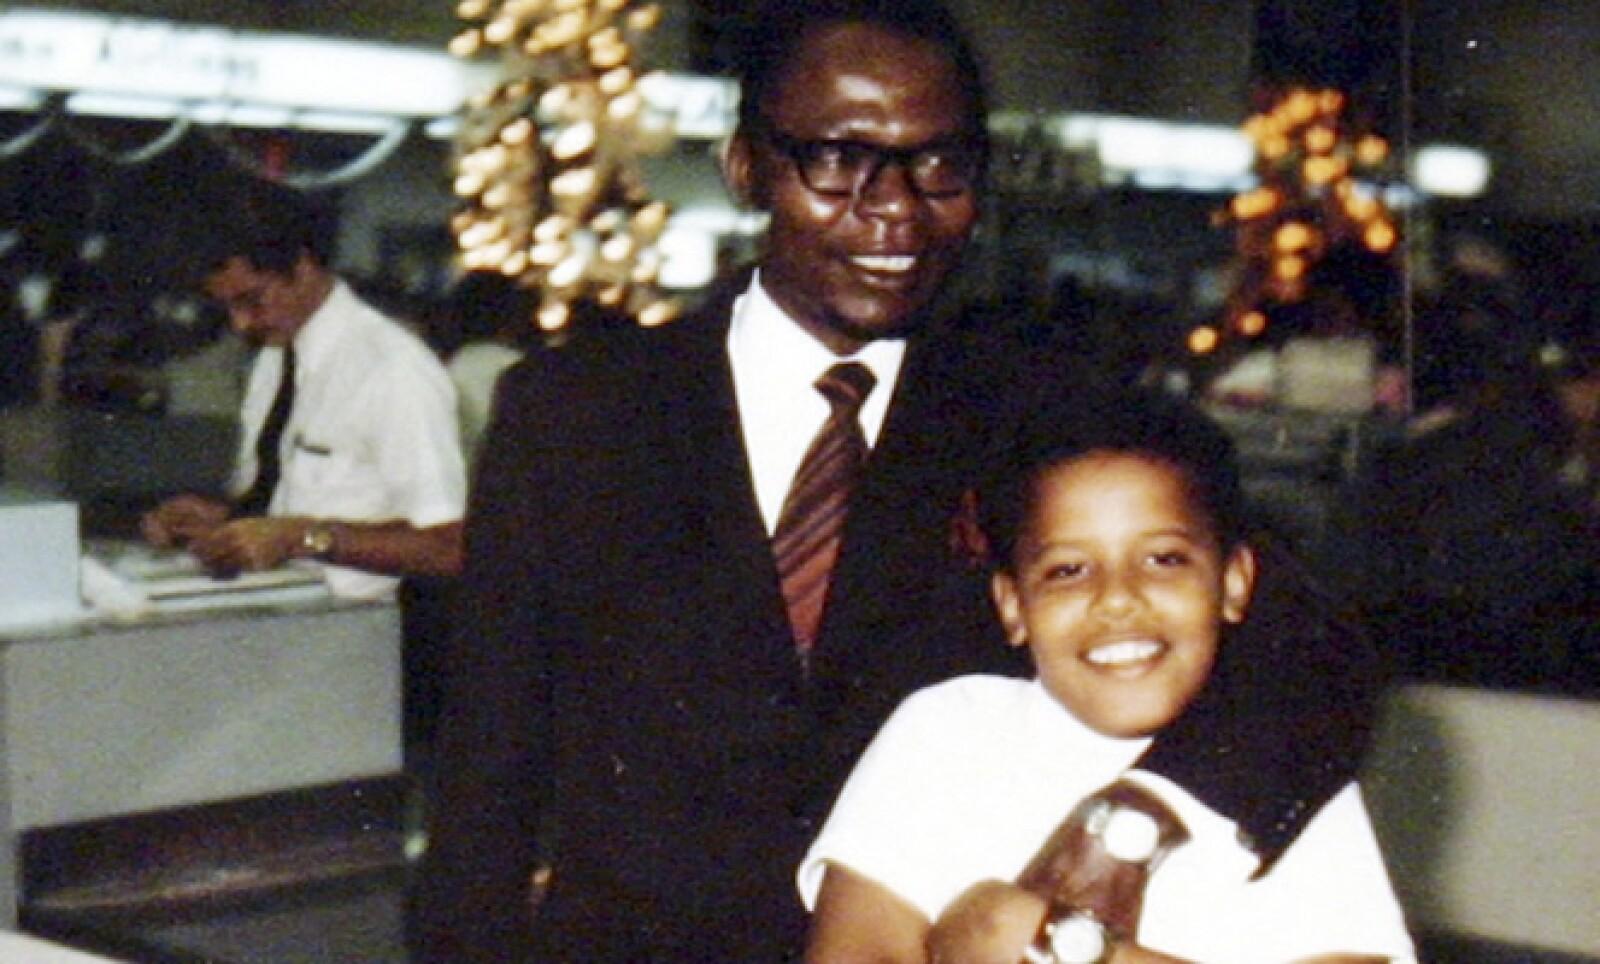 Es hijo de Barack Hussein Obama, nacido en Kenia, y su madre, Shirley Ana Dunham, una irlandesa nacida en Kansas.